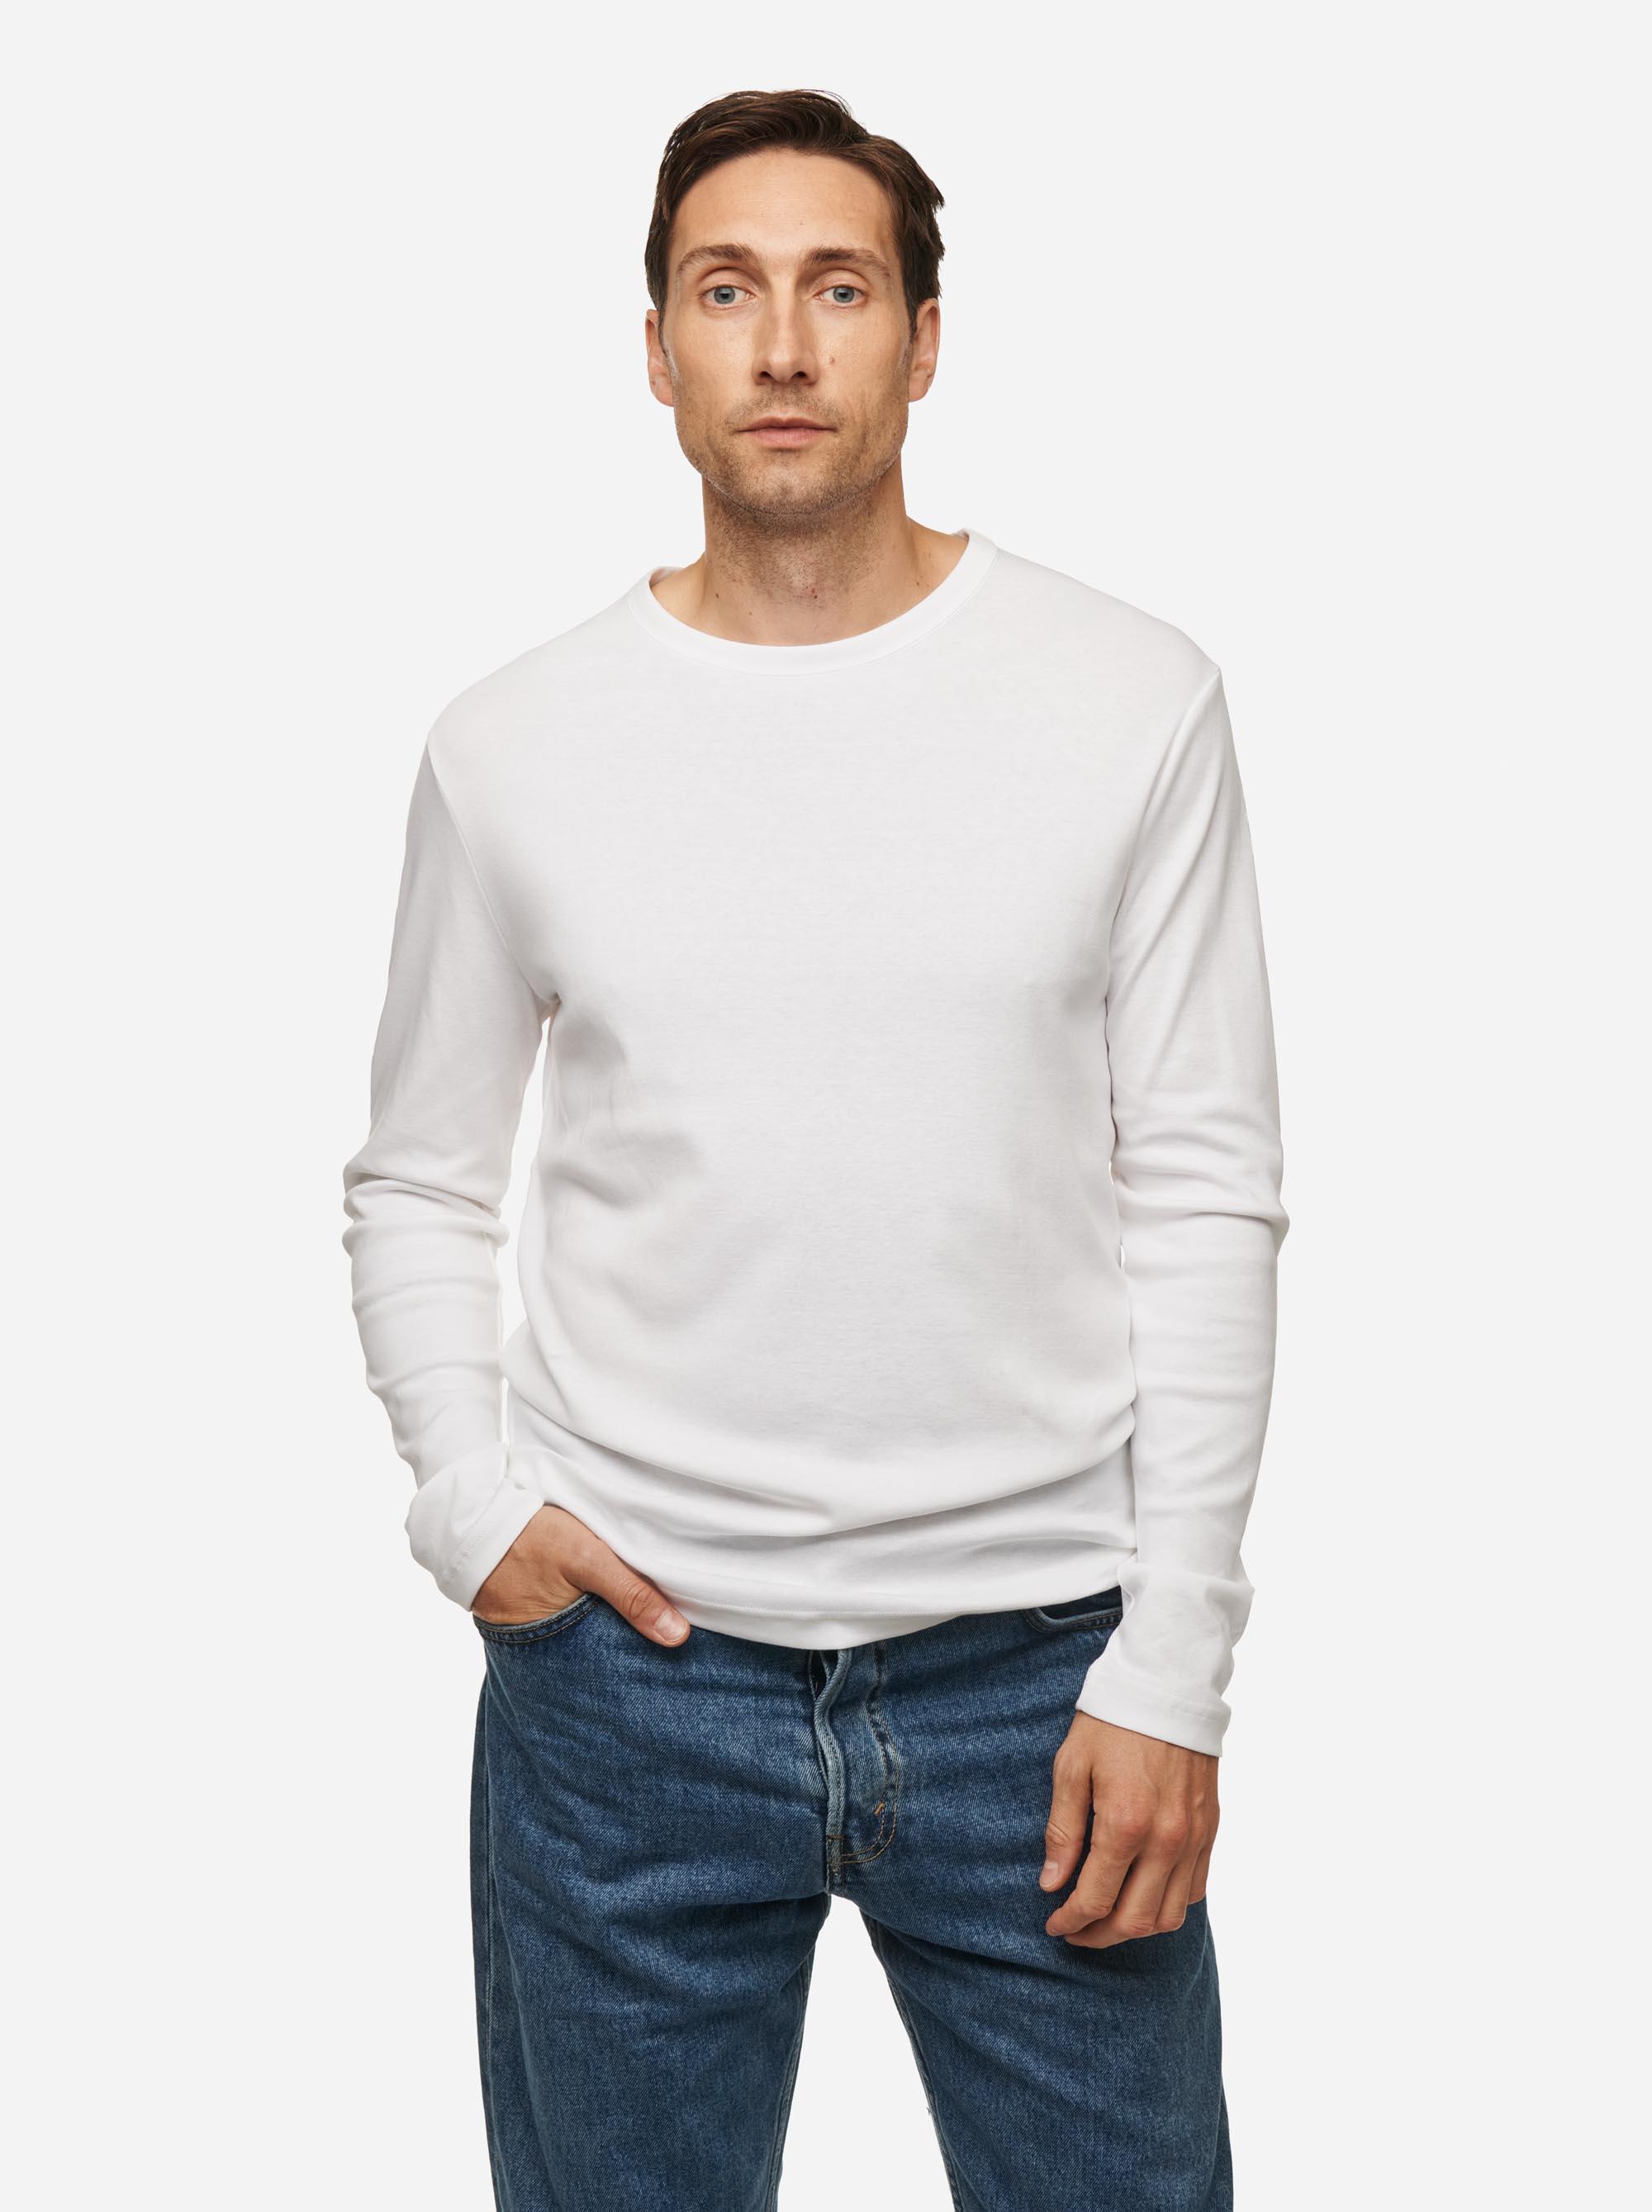 Teym - The-T-Shirt - Longsleeve - Men - White - 2